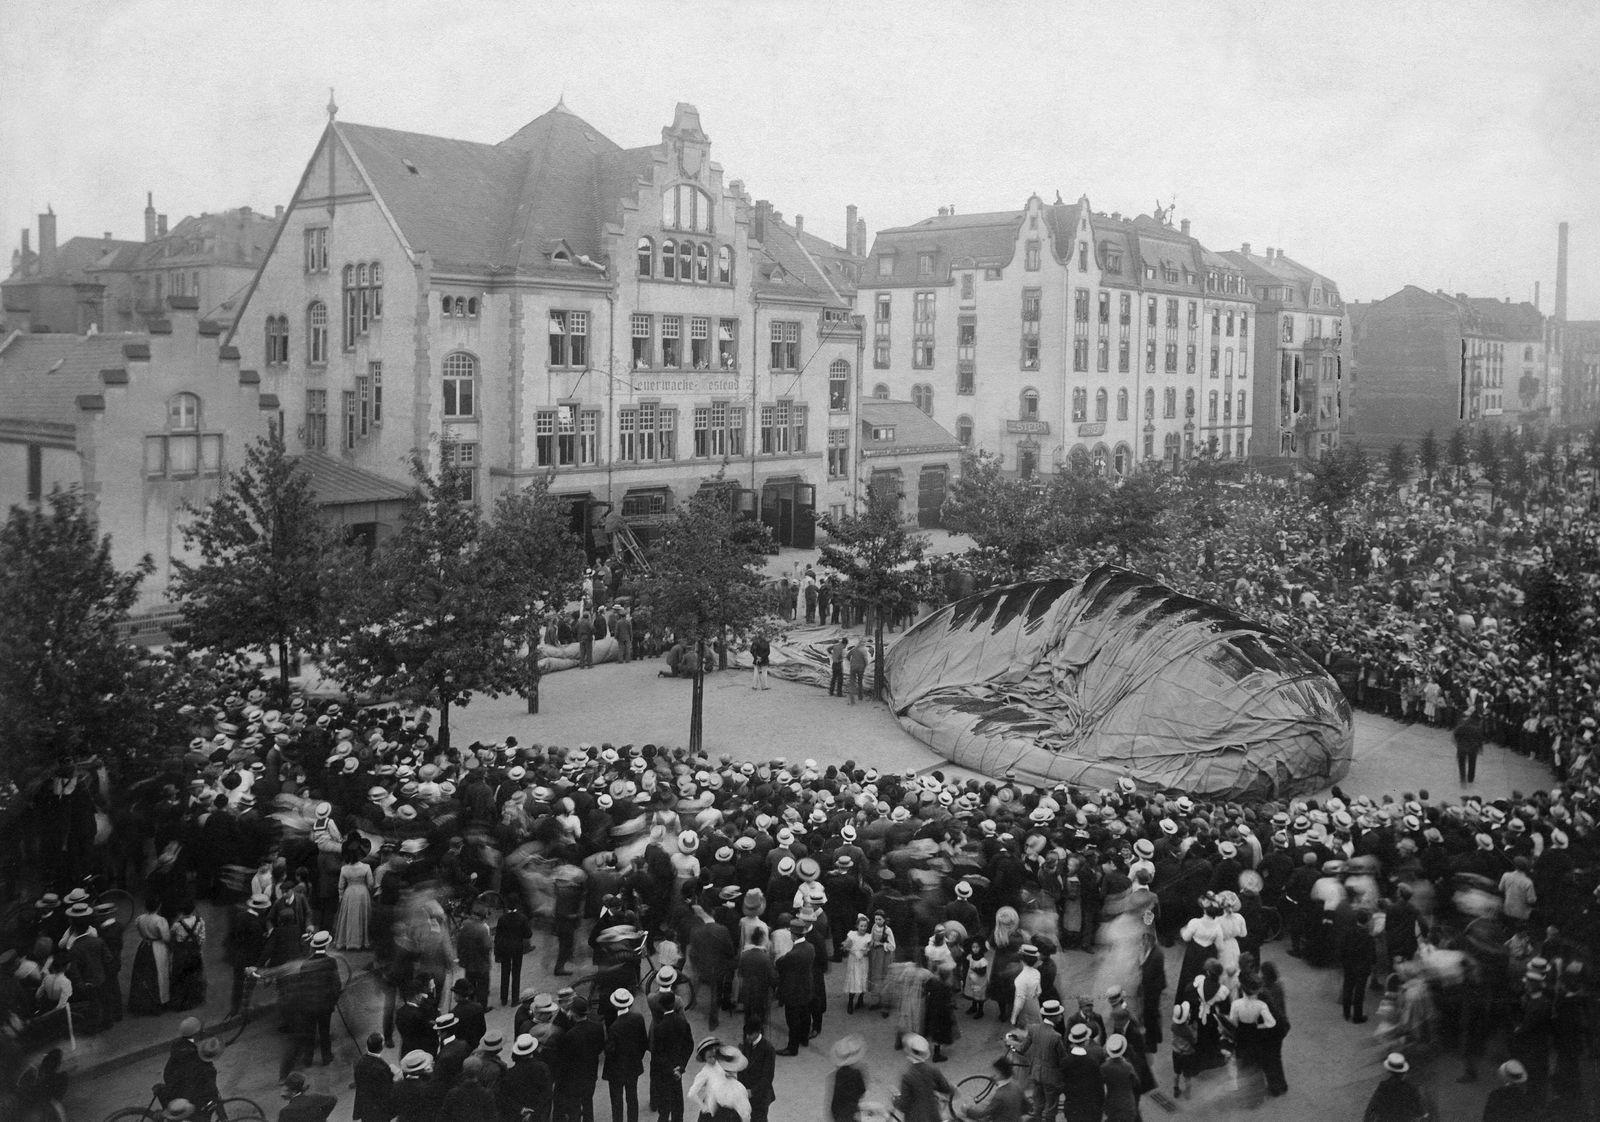 Frankfurt/Main, Absturz eines 'Parseval III' Ballon